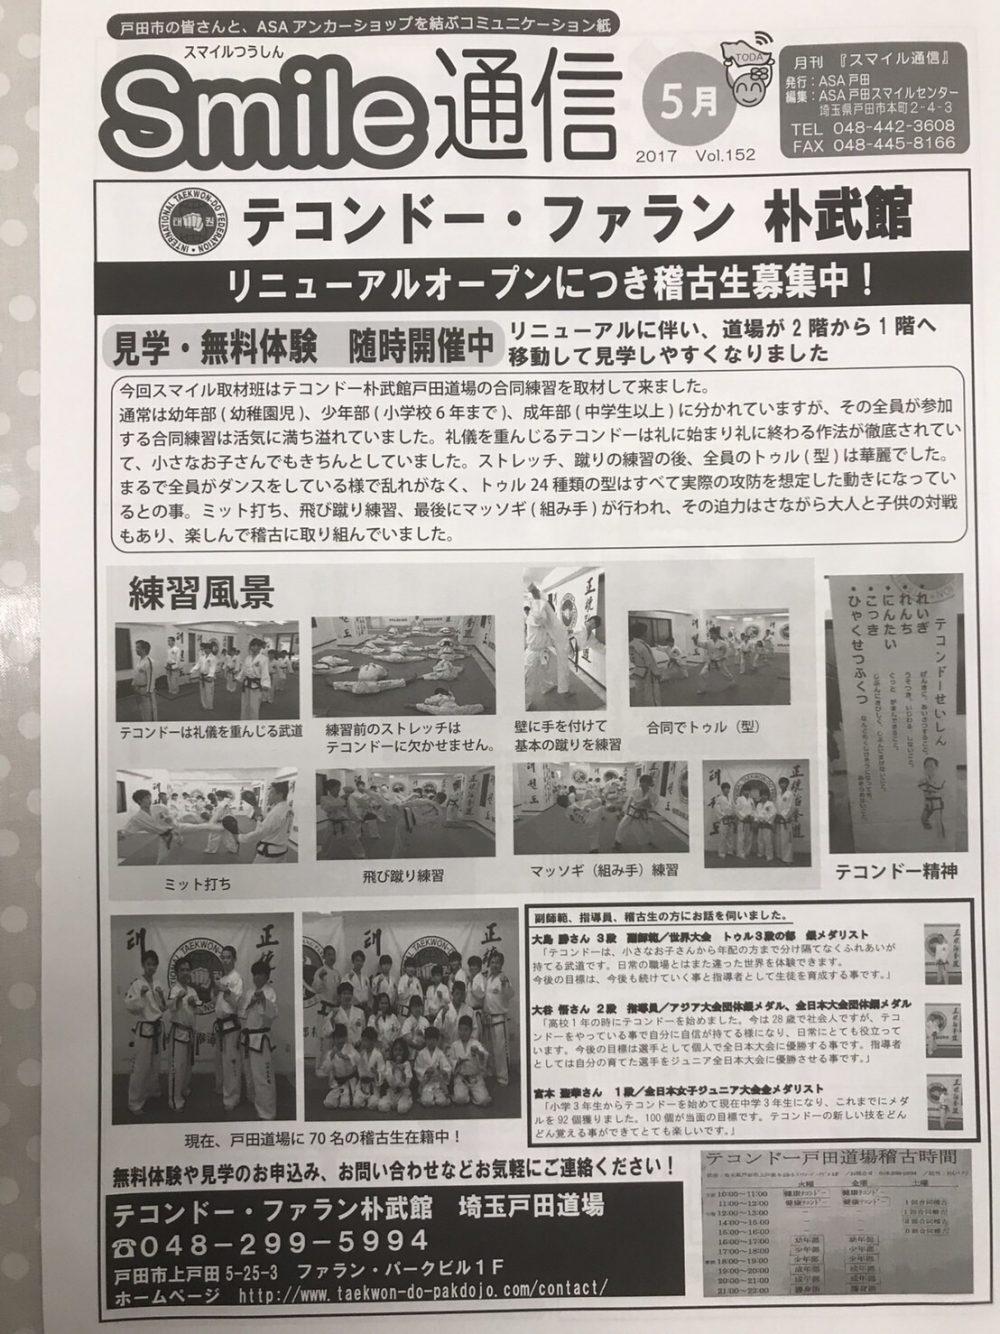 朝日新聞 情報誌 Smile通信 テコンドー記事掲載